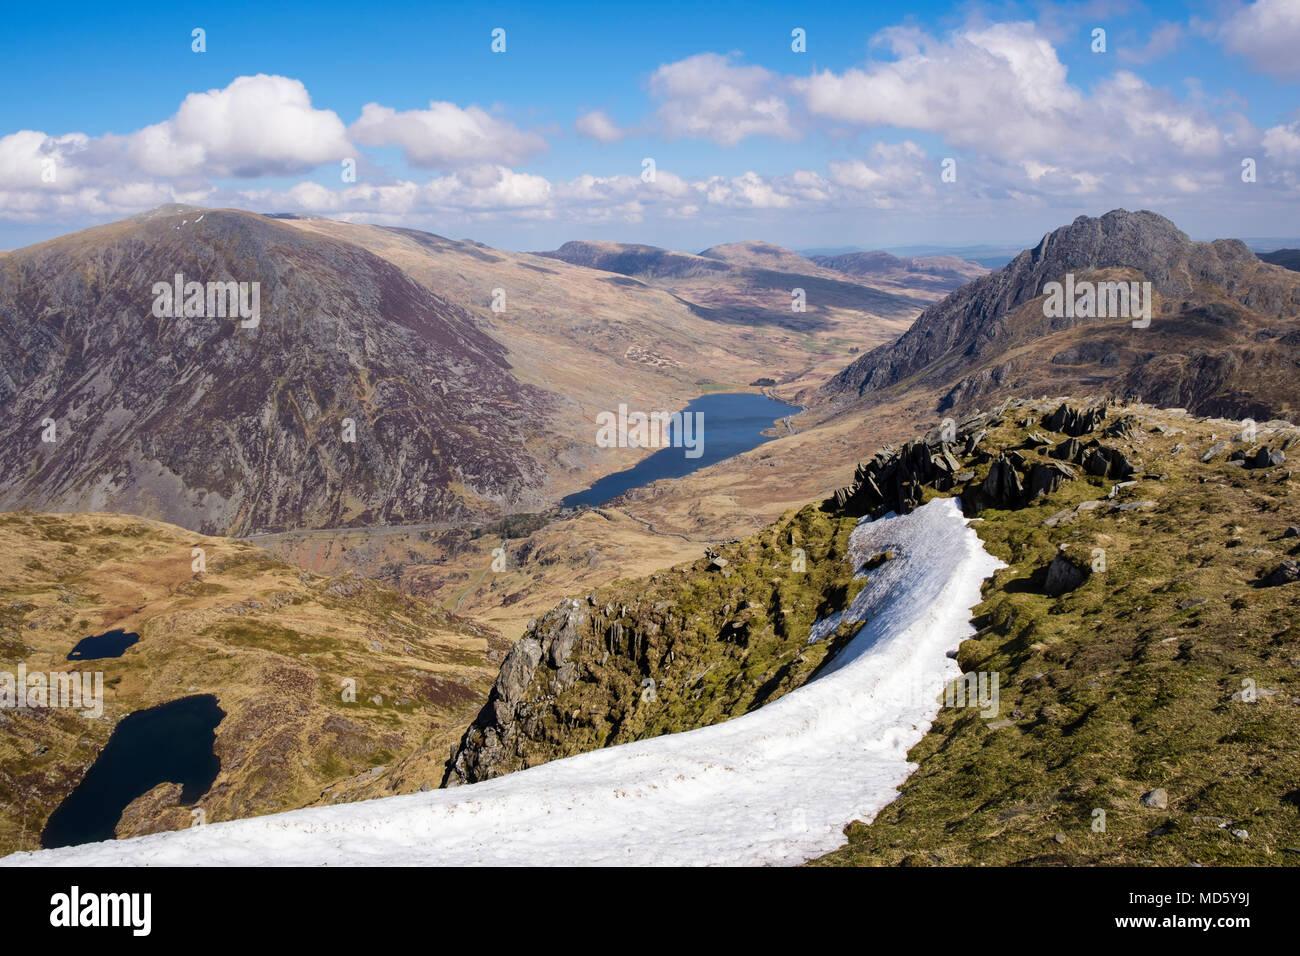 Paysage panoramique vu de Y Garn Ogwen Valley Ridge au-dessus de montagnes de Snowdonia National Park au début du printemps. Ogwen, au nord du Pays de Galles, Royaume-Uni, Angleterre Photo Stock